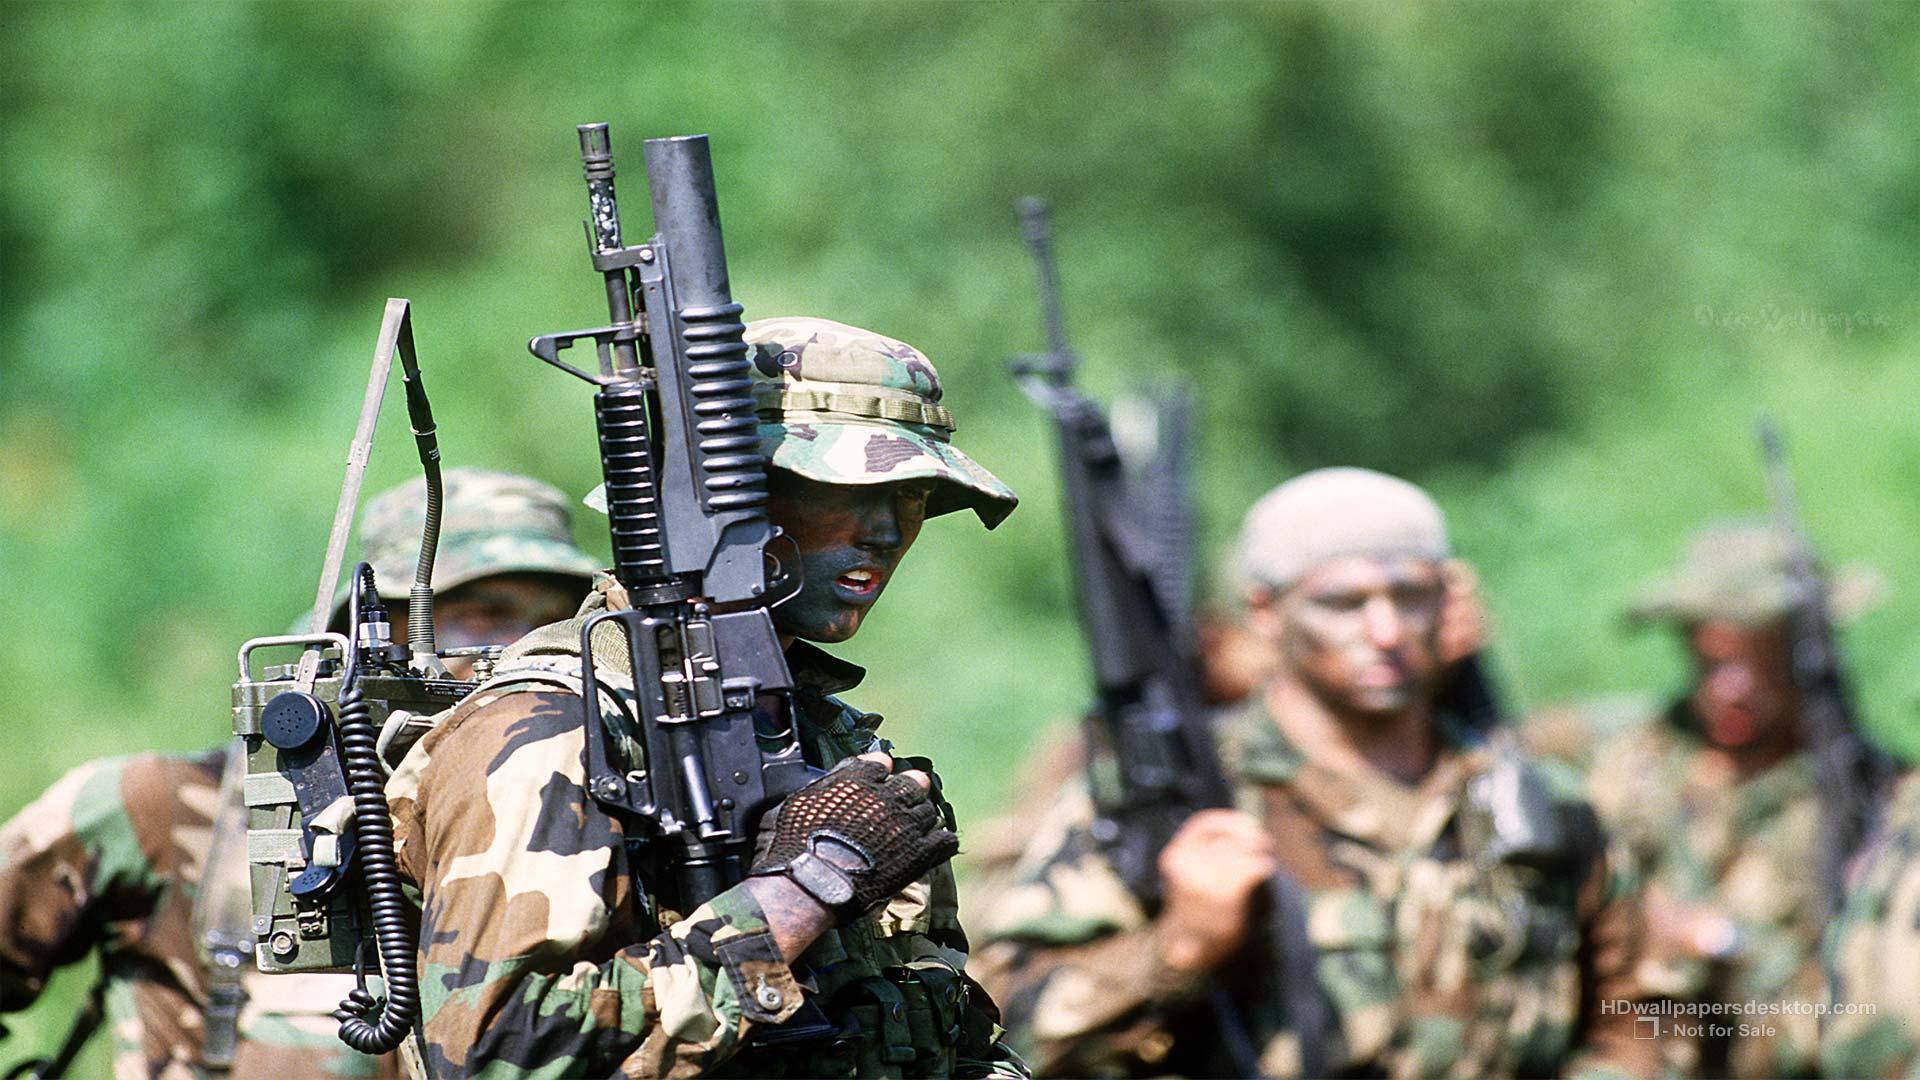 Us army wallpaper 1080p wallpapersafari - Military wallpaper army ...